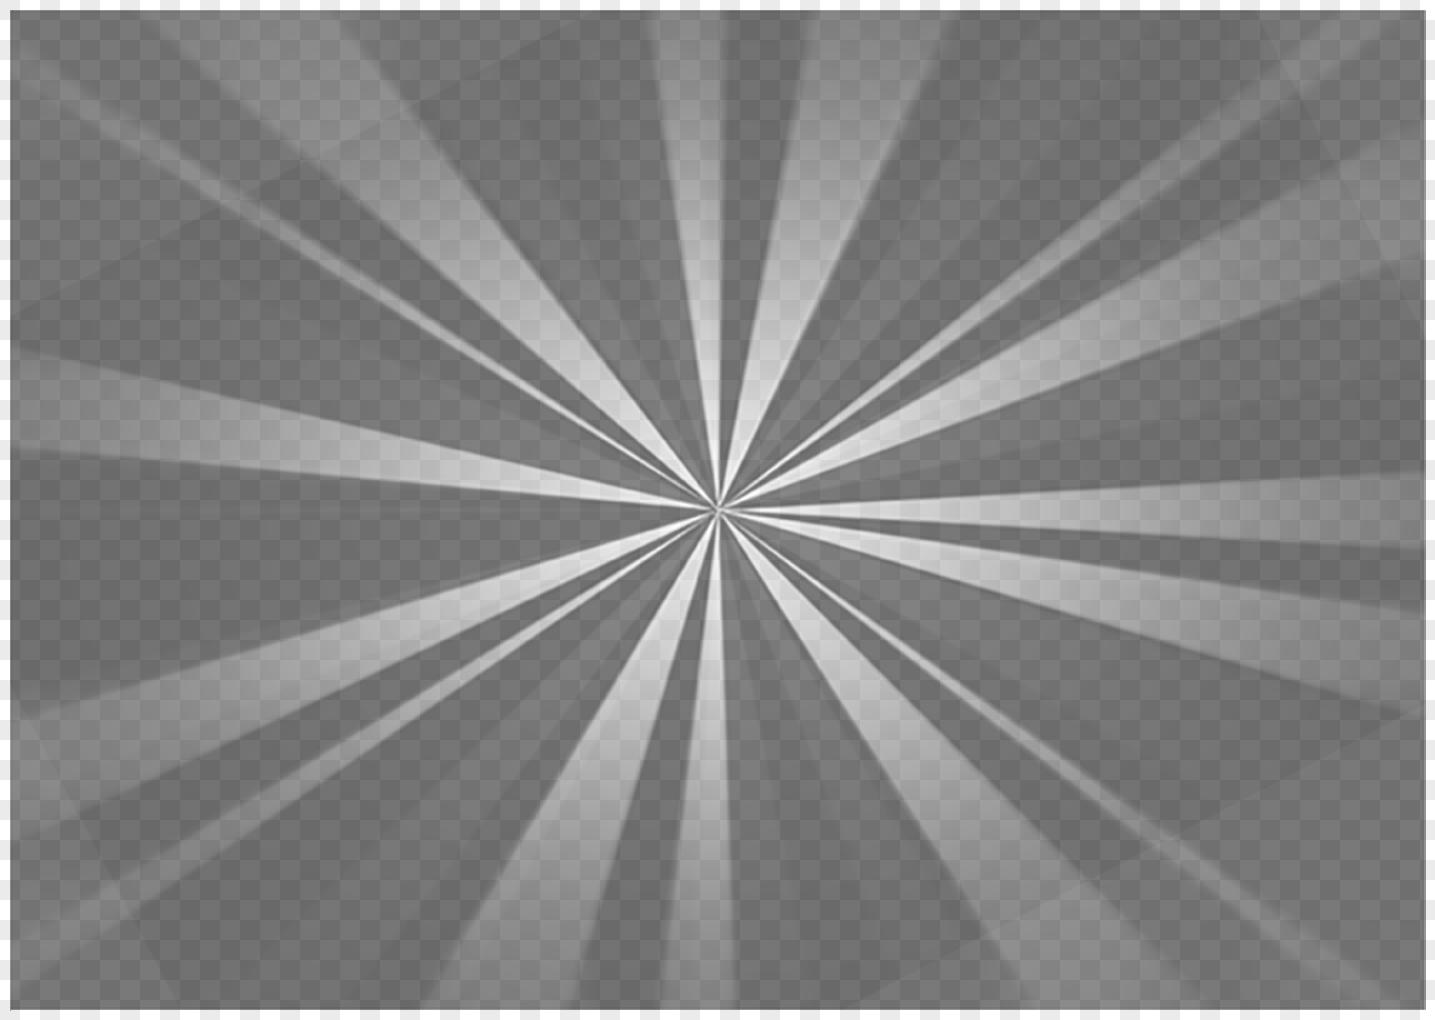 Raggi Di Luce Immagine Gratisgrafica Numero 400315895download